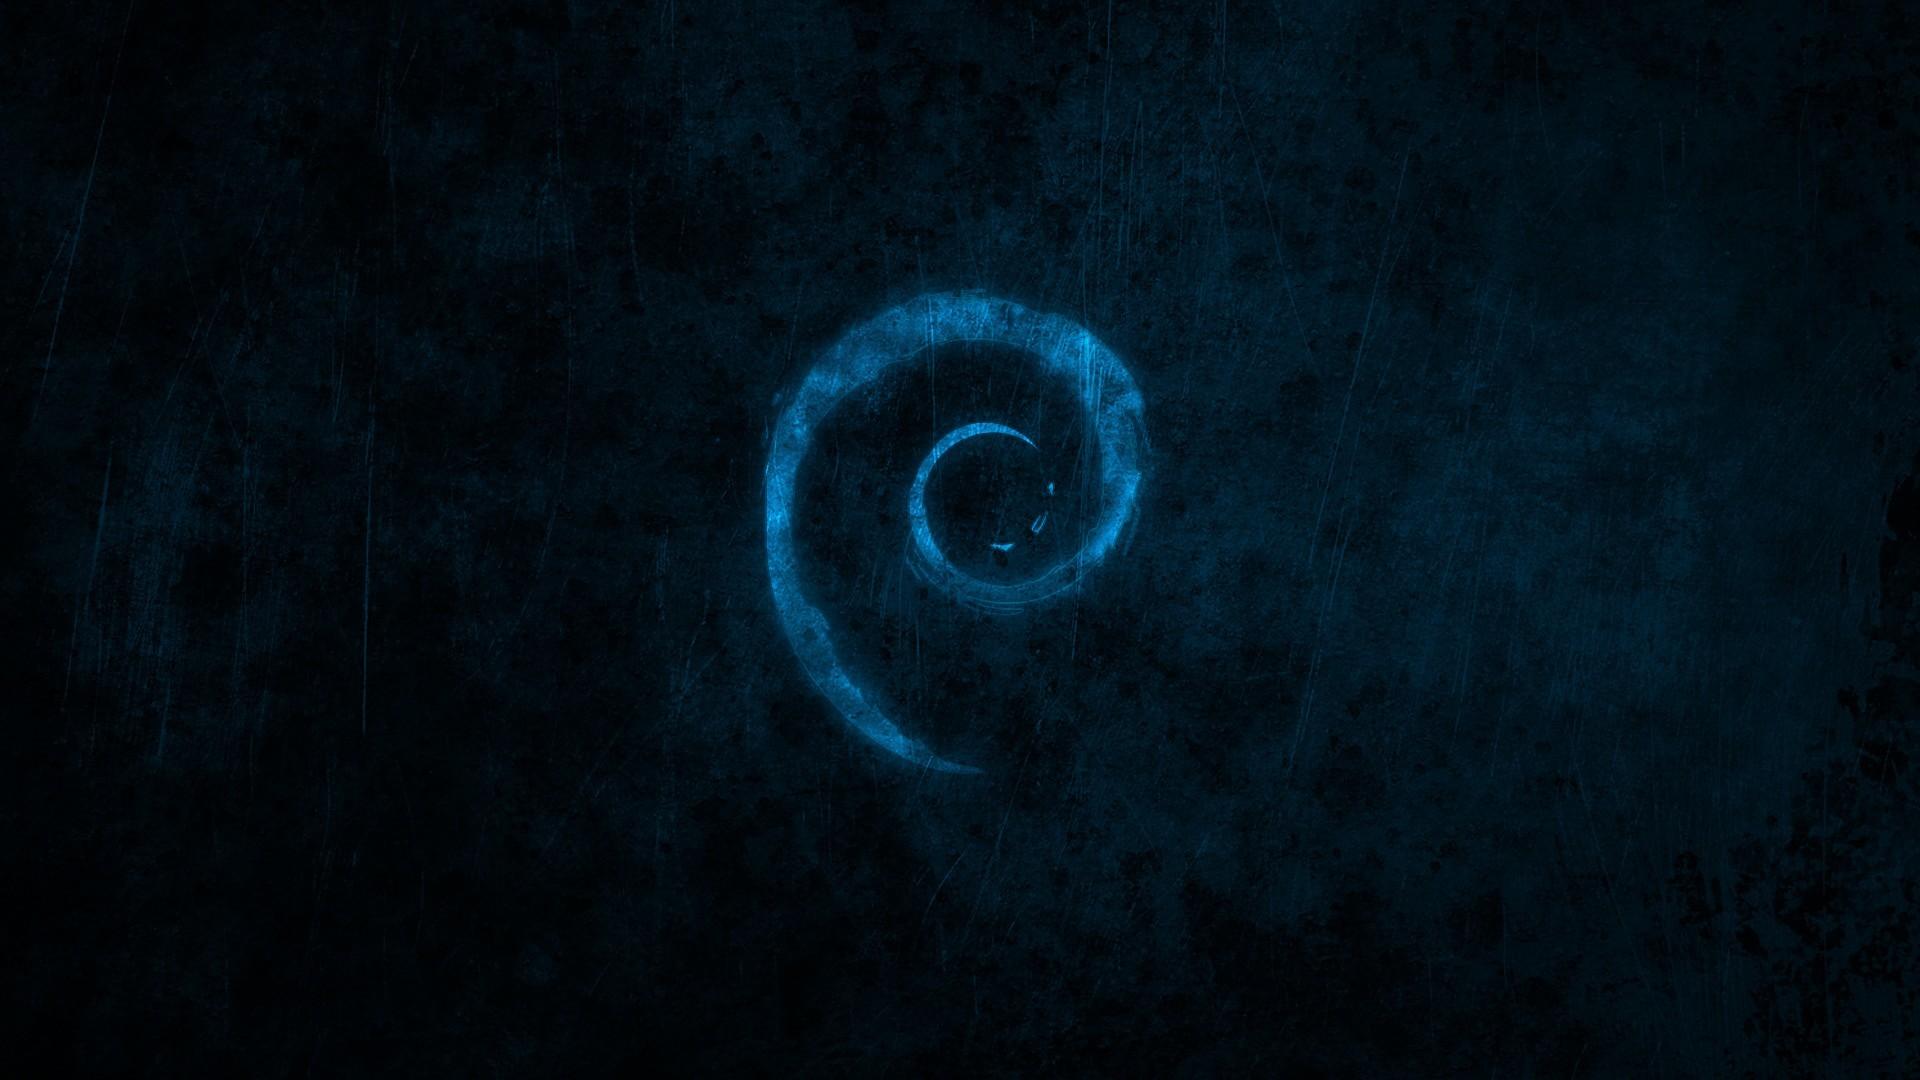 Water Blue Dark Linux Debian Brands Logos New HD Wallpaper